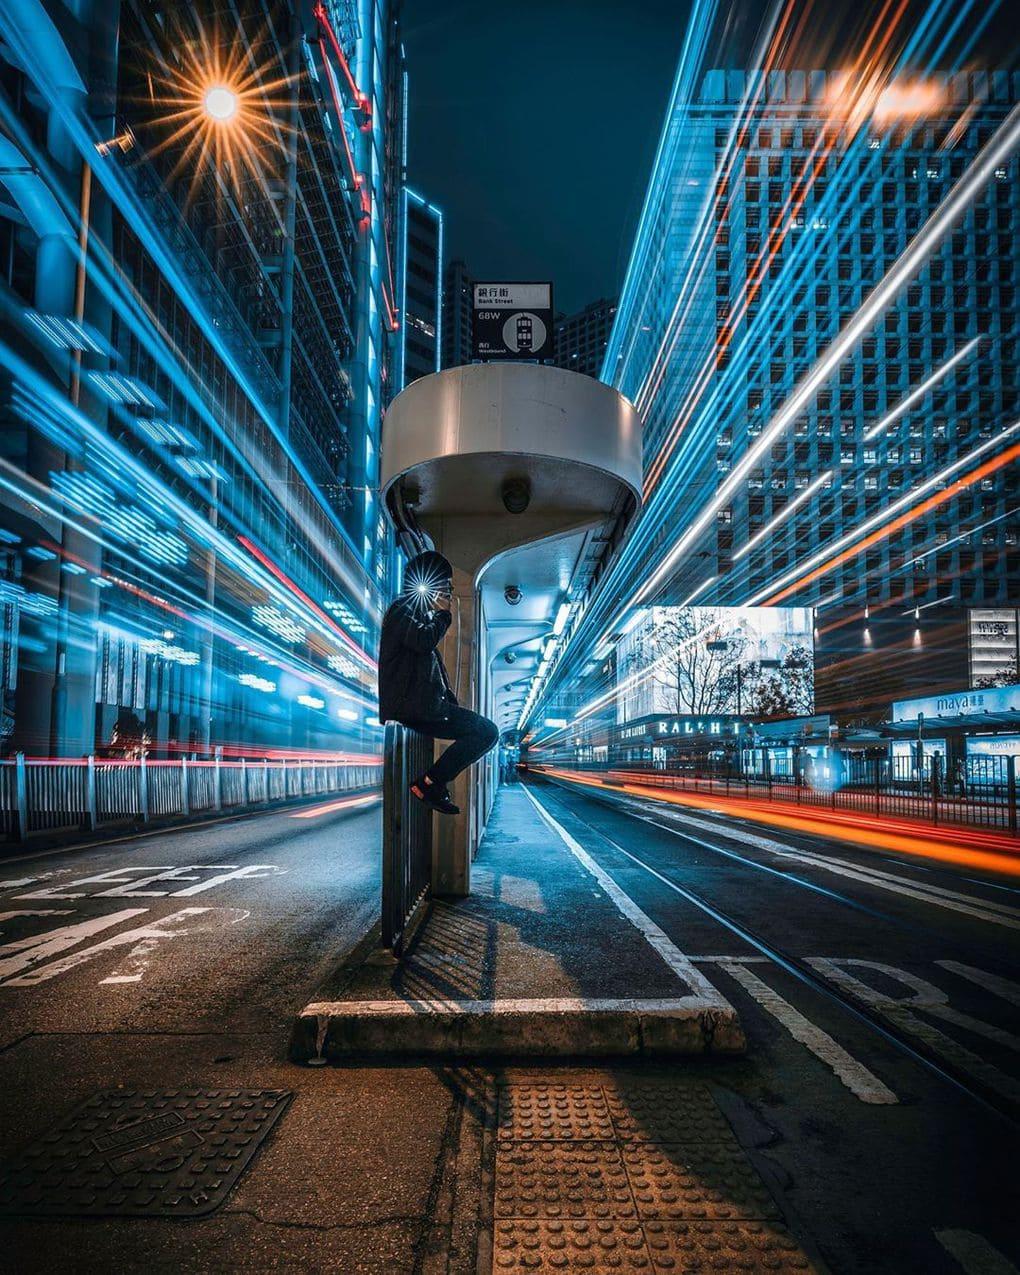 jungraphy 60431312 402154703714048 1577912290158961524 n - 25 работ фотографа из Токио, которые погрузят вас в магическую атмосферу ночных японских улиц